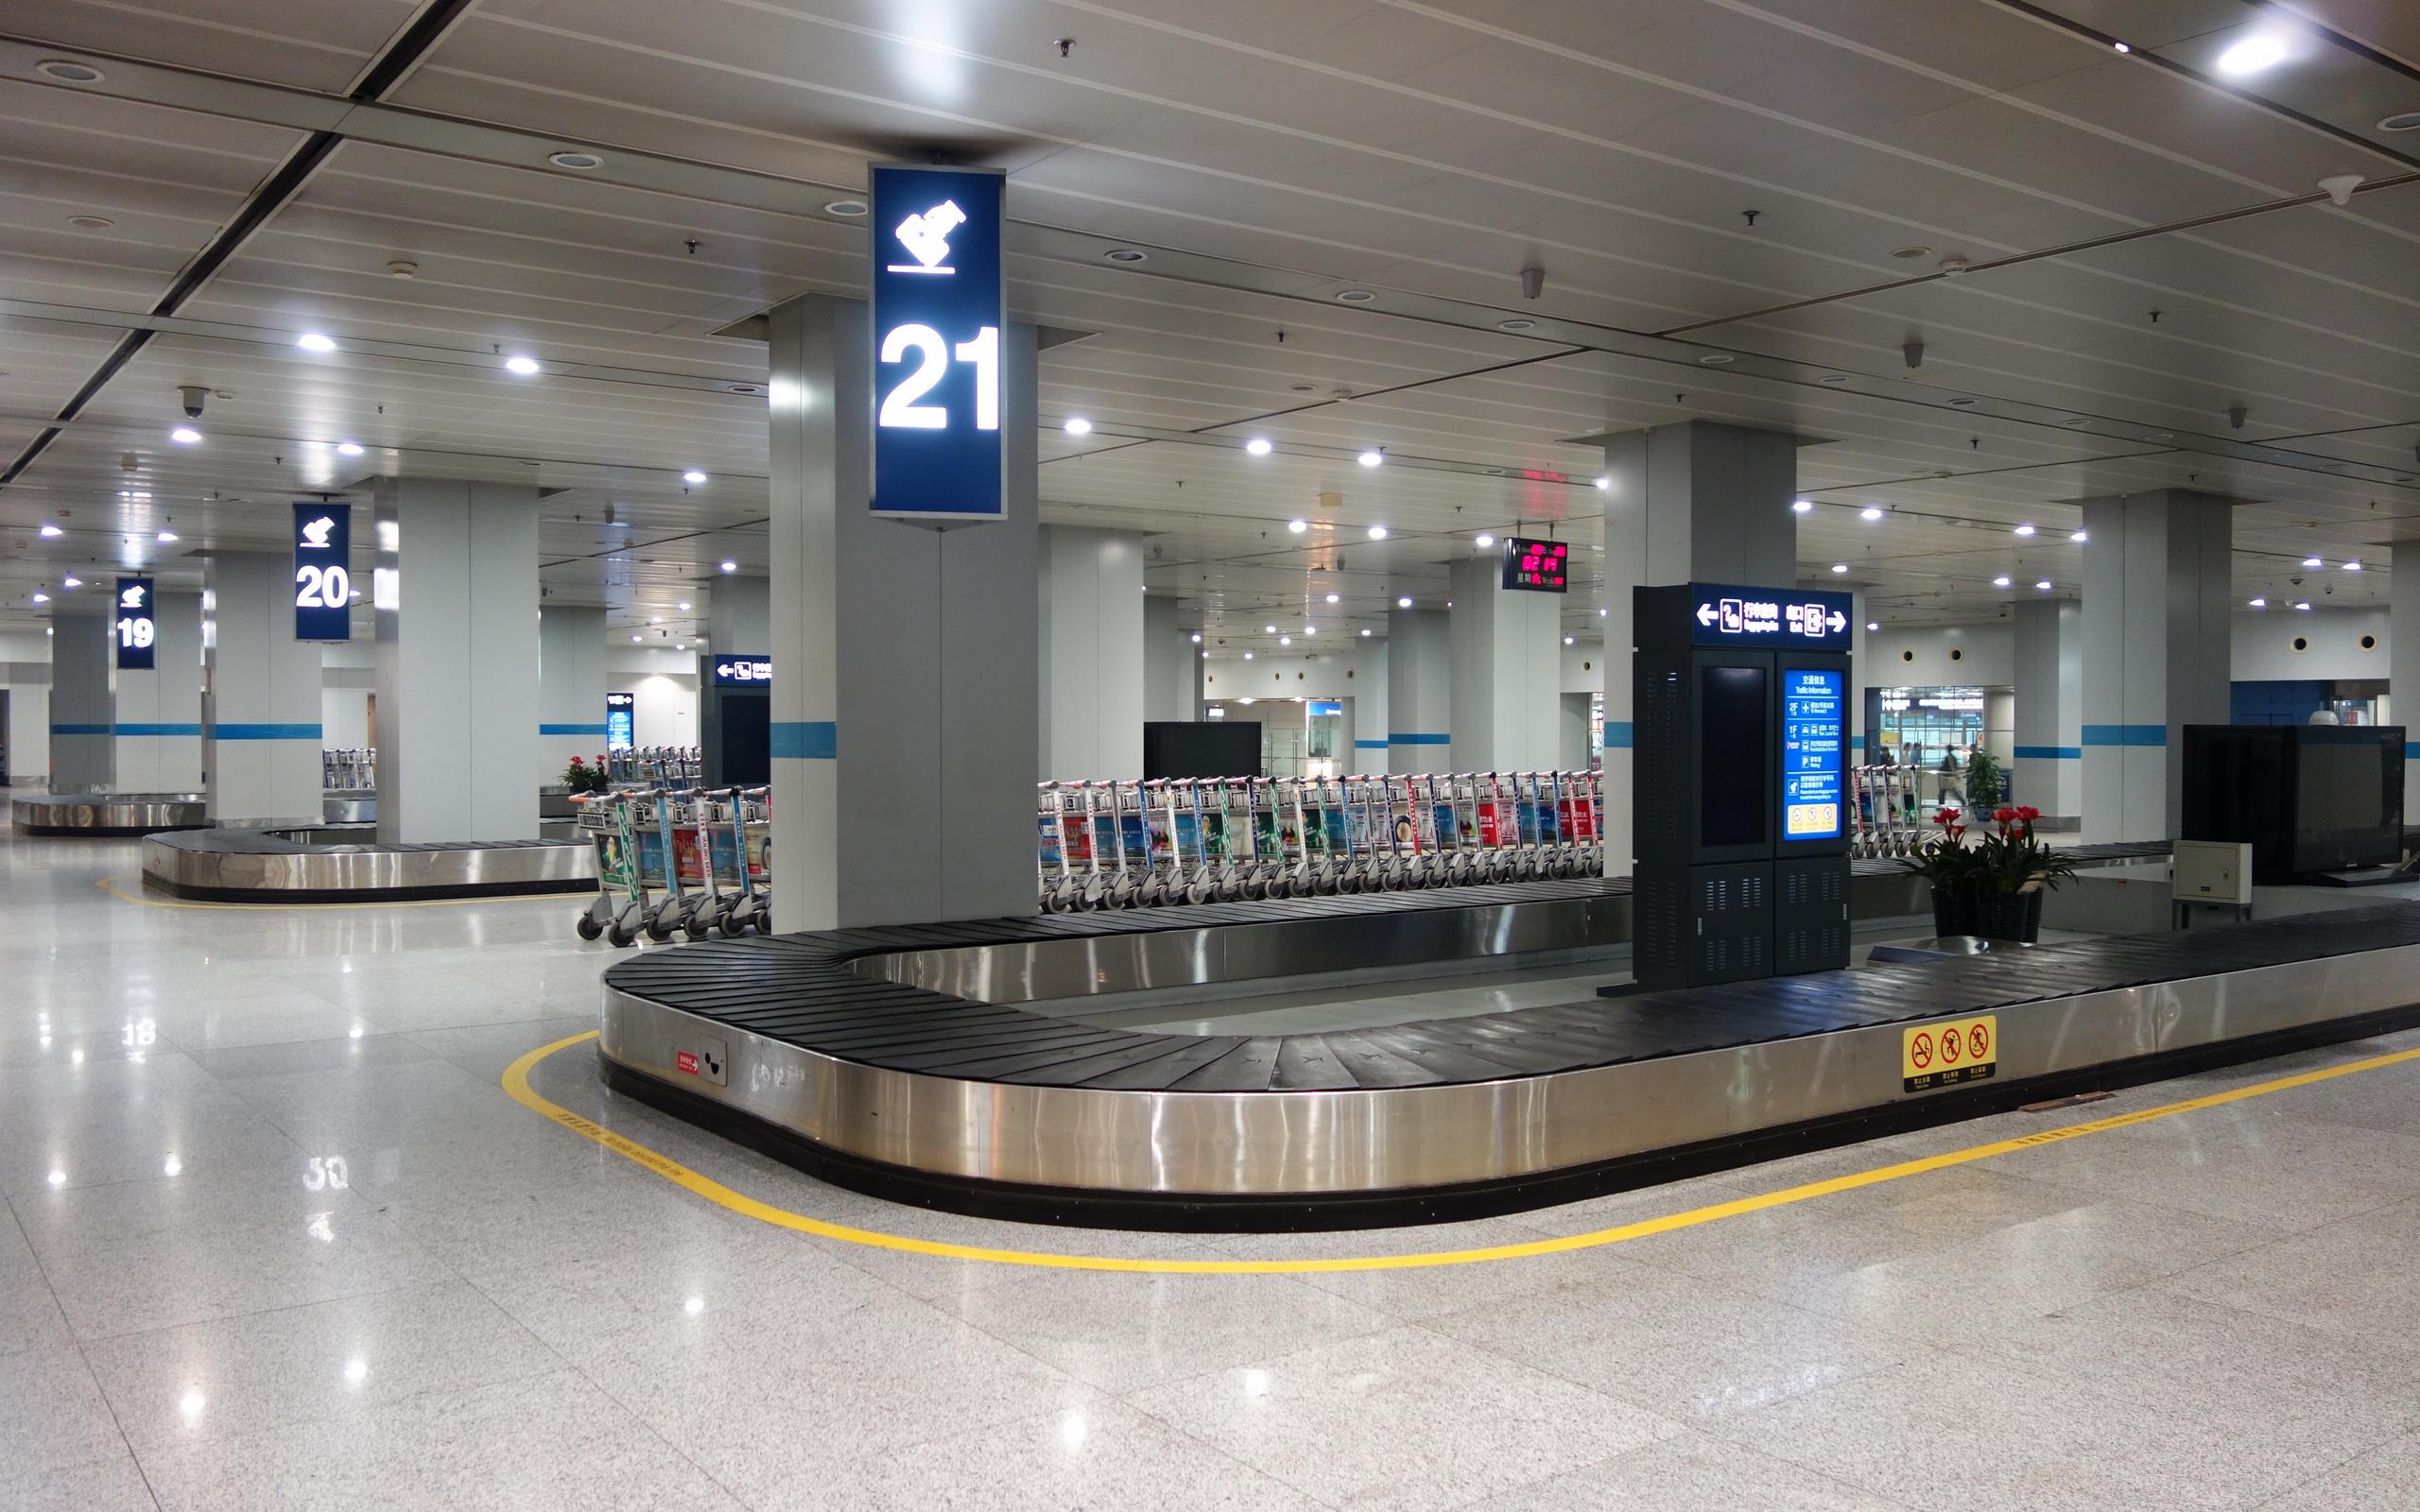 atlanta airport baggage claim map april 30 2019